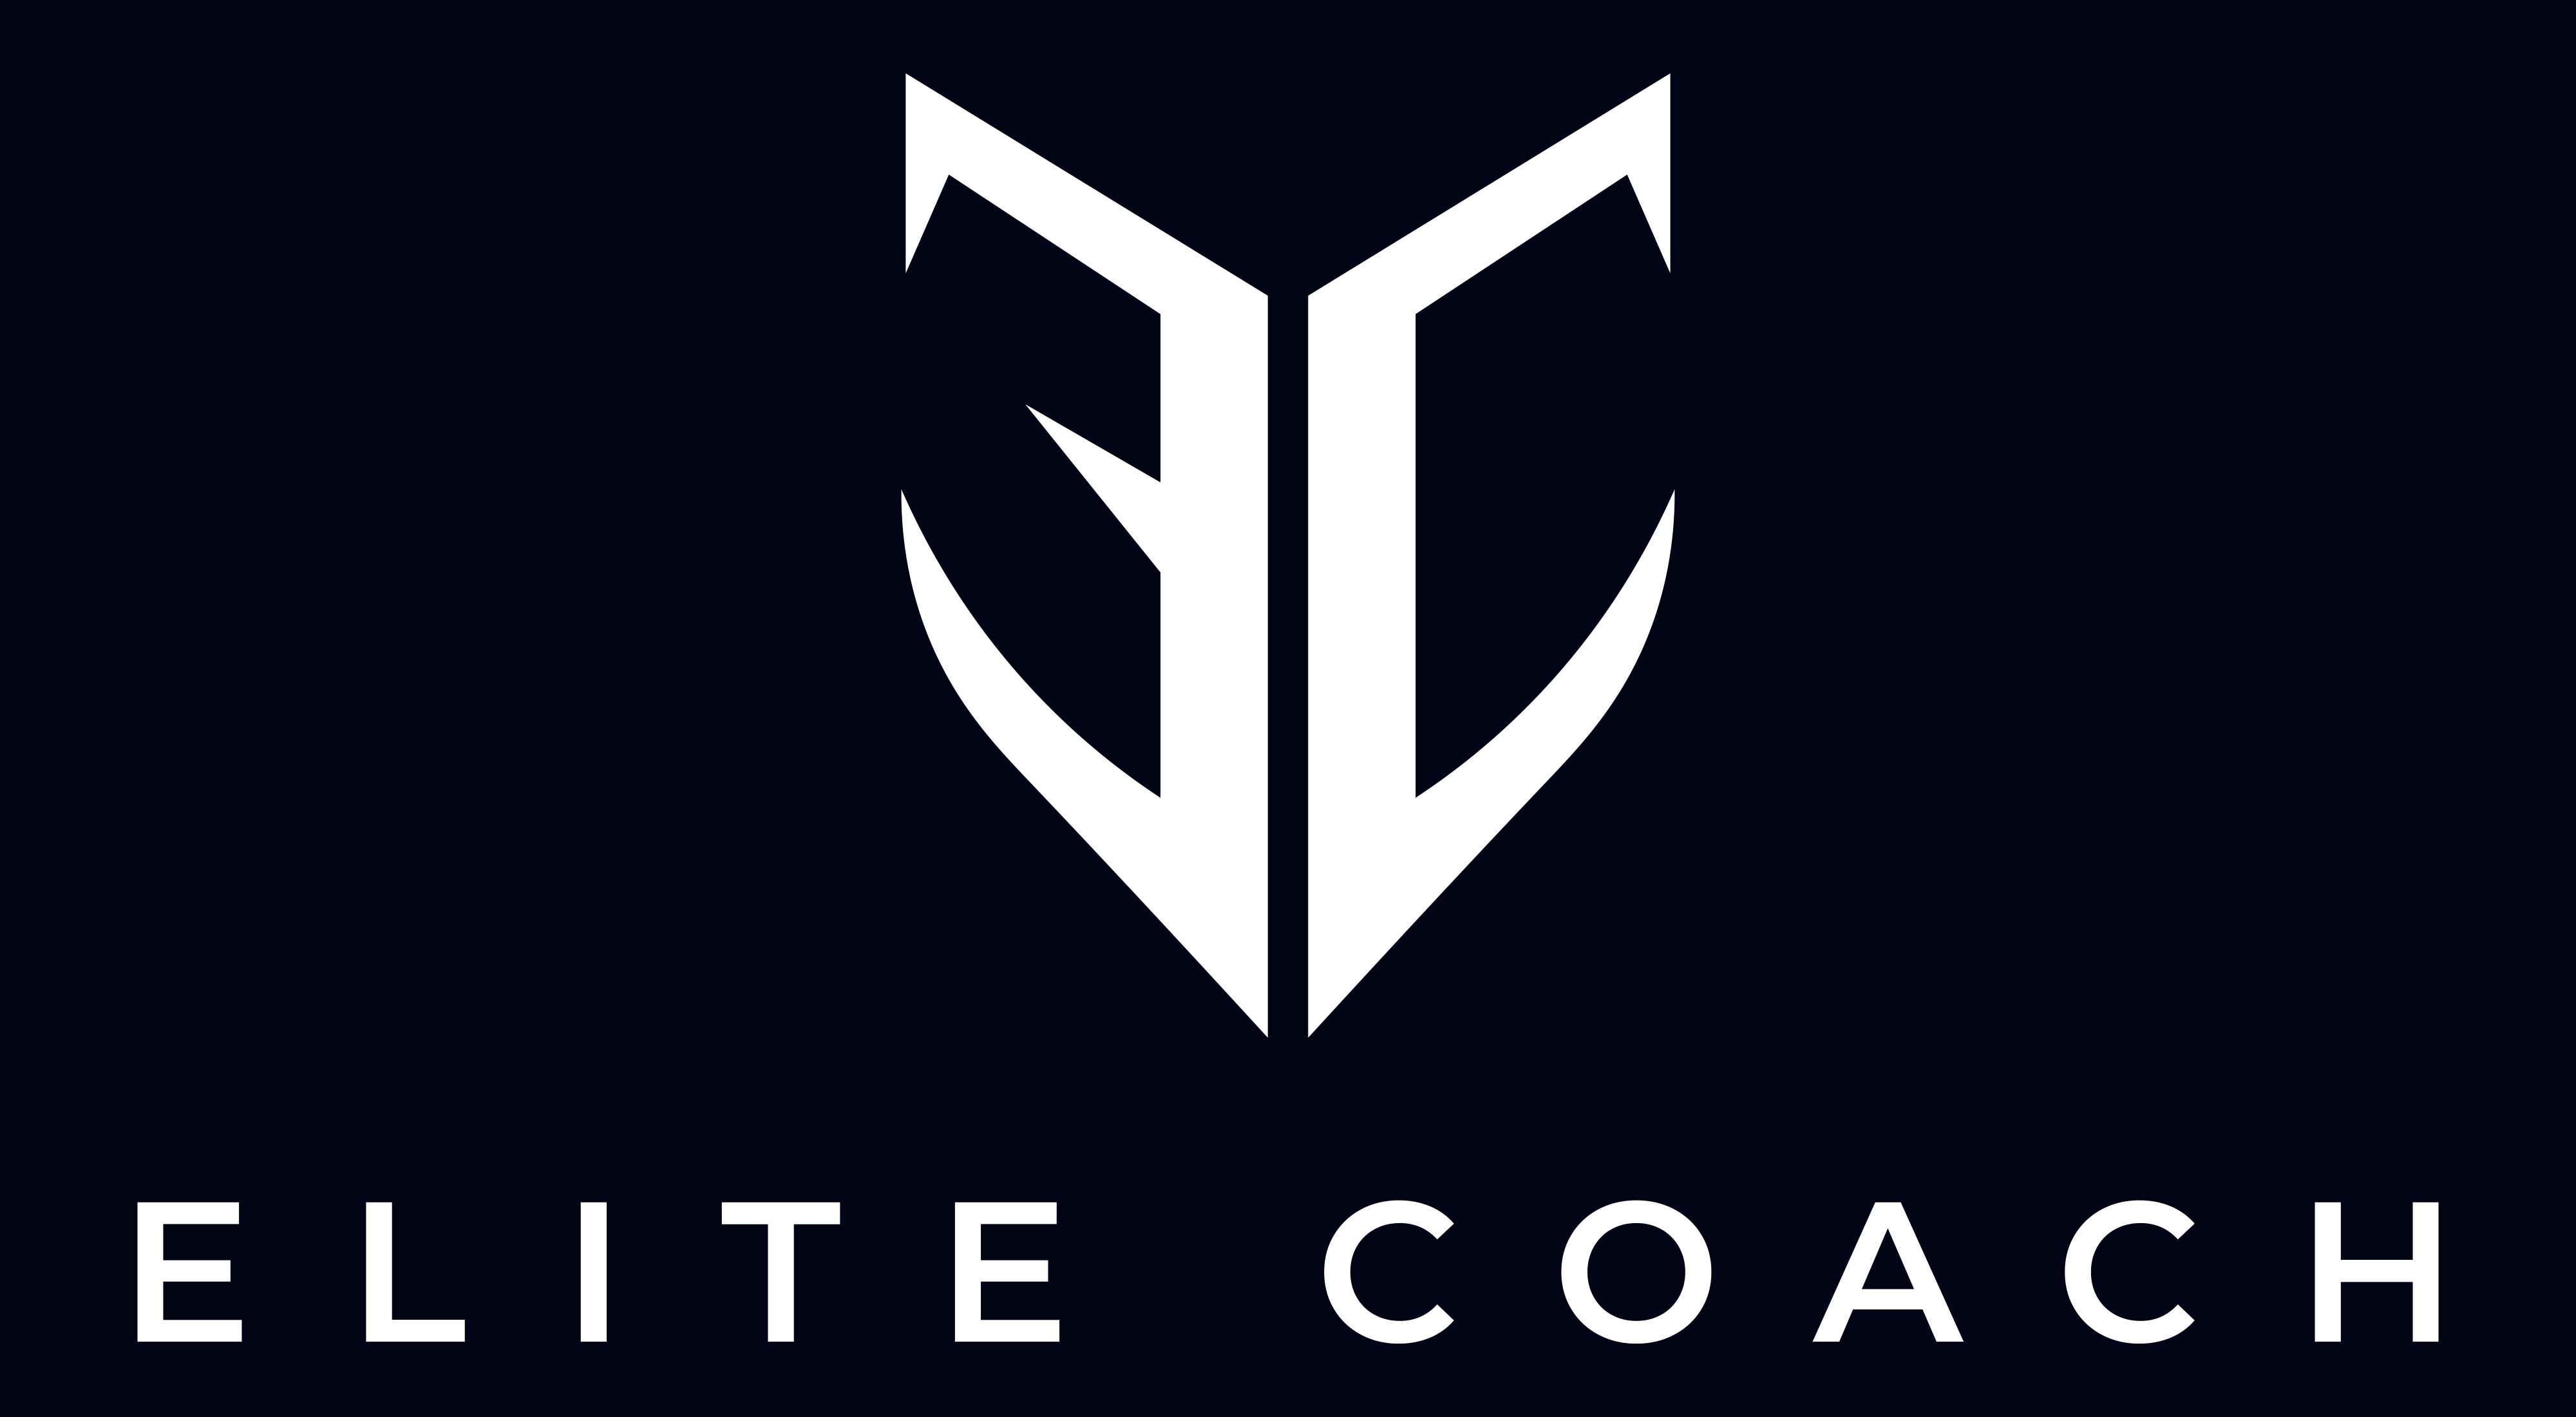 Elite Coach With Dark Blue Background